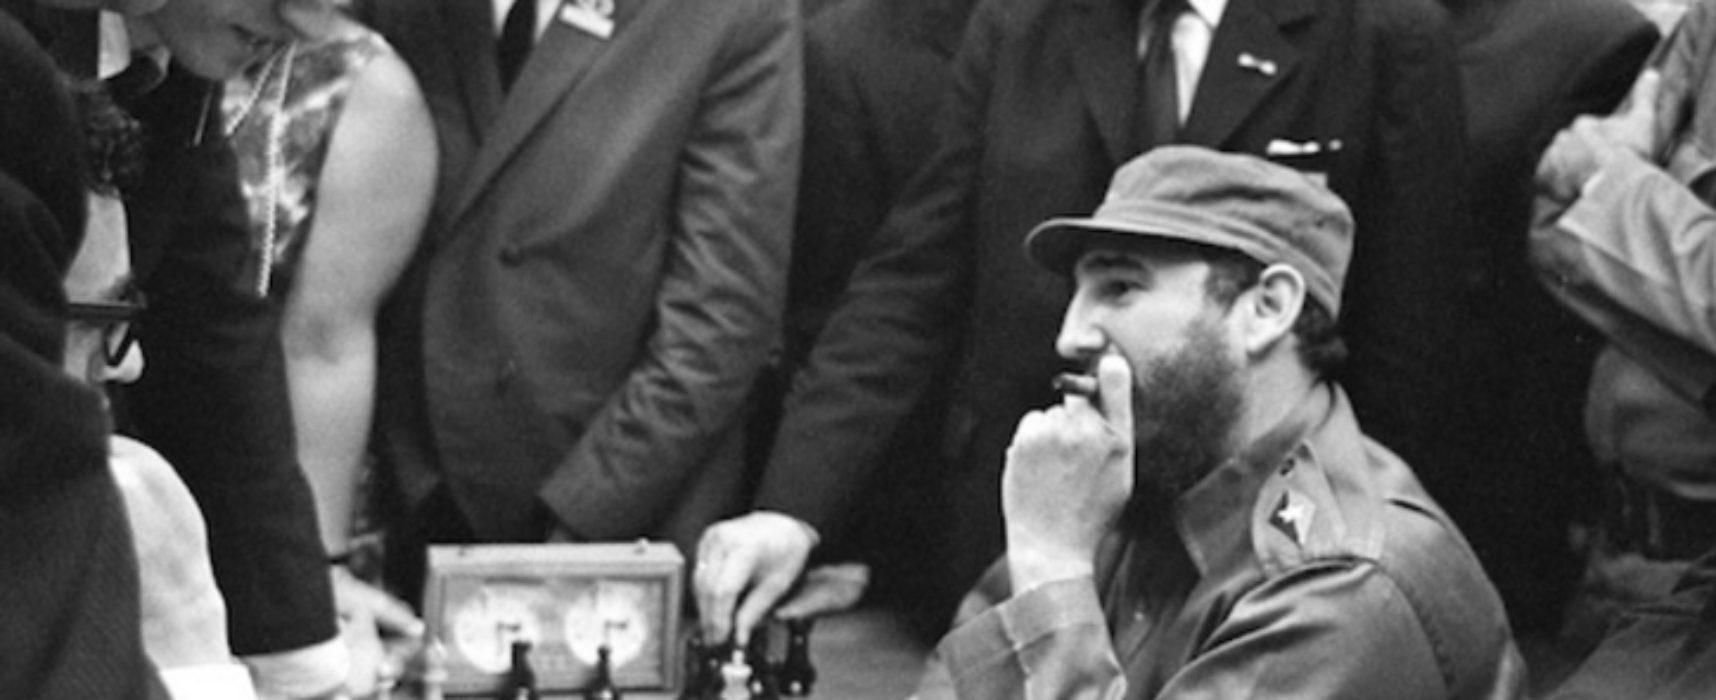 El día en que Fidel Castro derrotó a Bobby Fischer